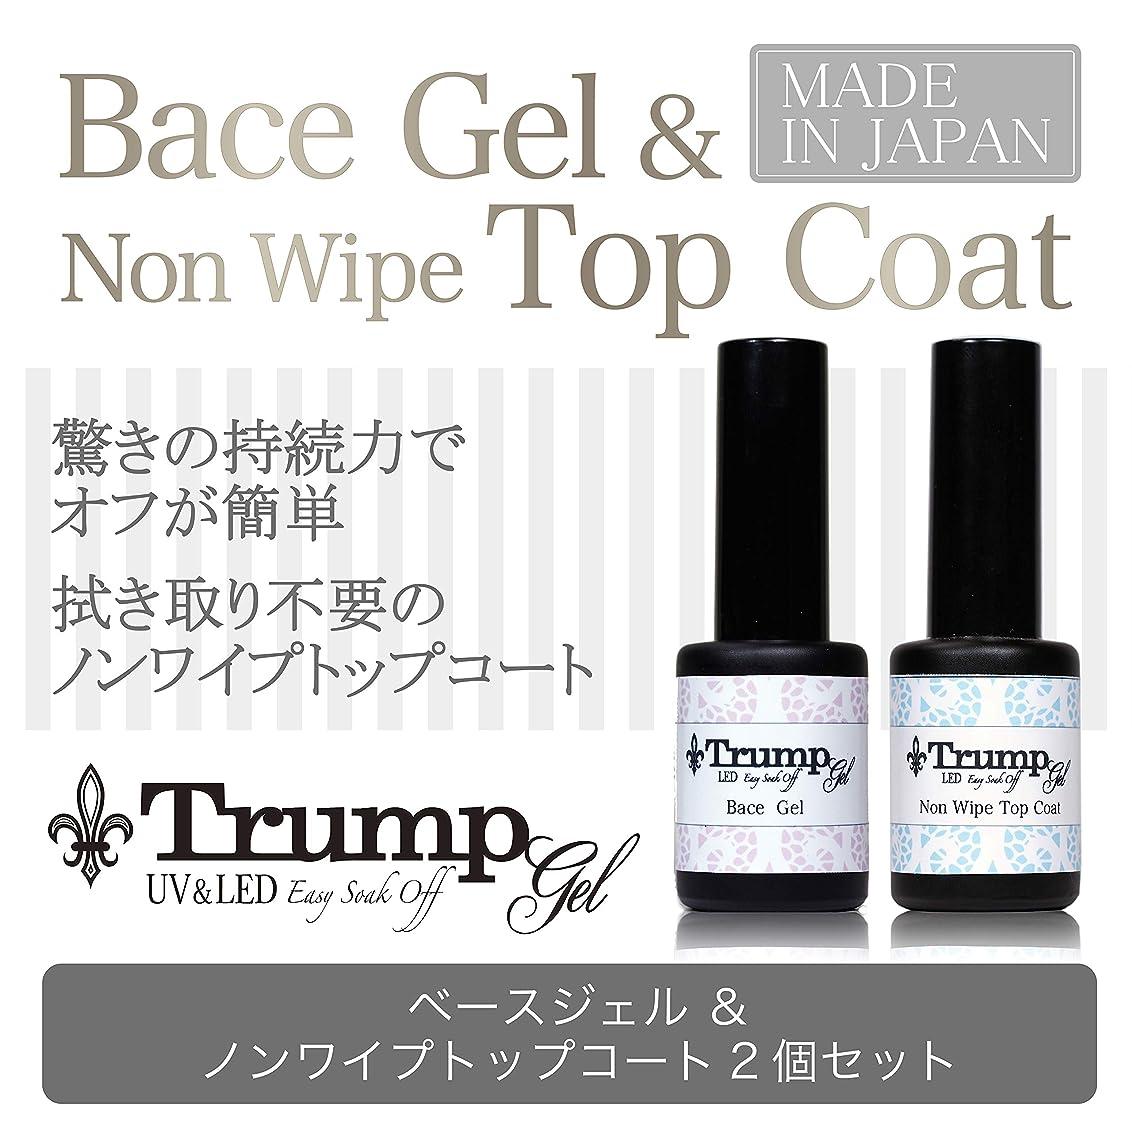 【日本製】Trump Gel ジェルネイルUV LED ベースジェル & ノンワイプトップコート 大容量10g×2本セット